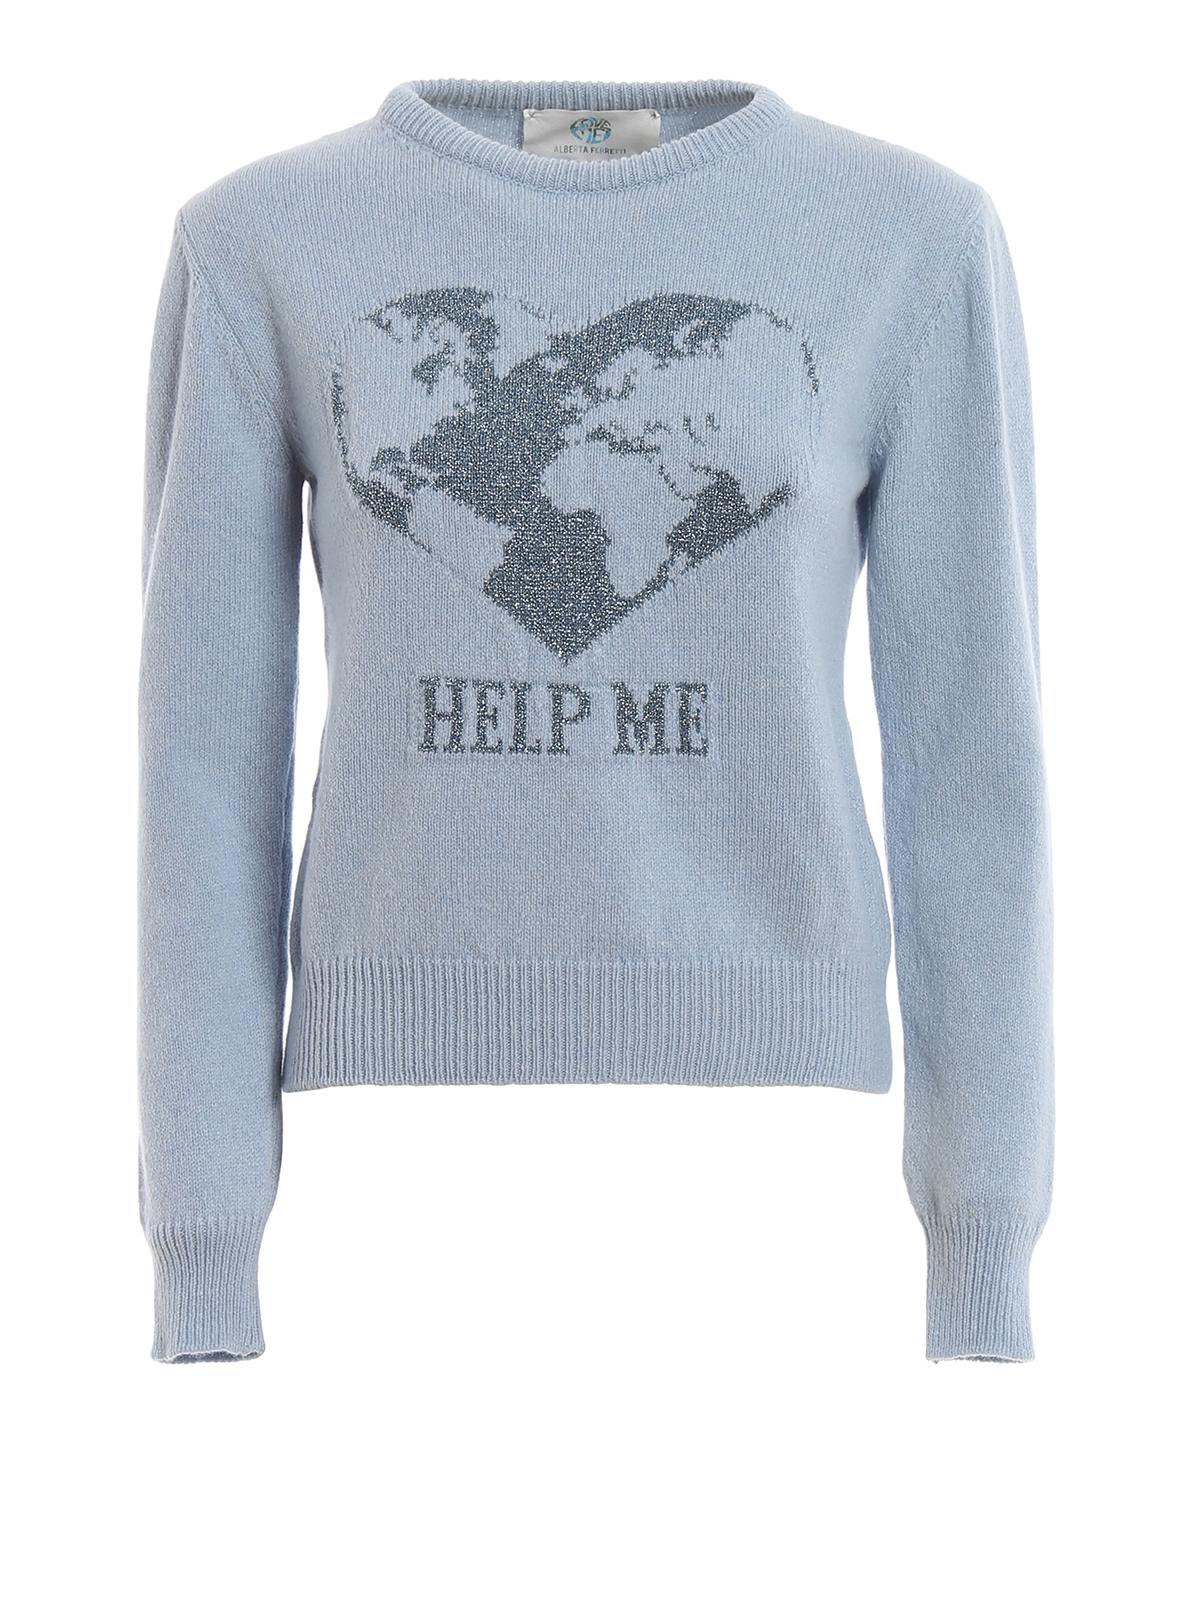 nuovi stili 1ea7b d833d Alberta Ferretti - Maglione Help Me in cashmere celeste ...